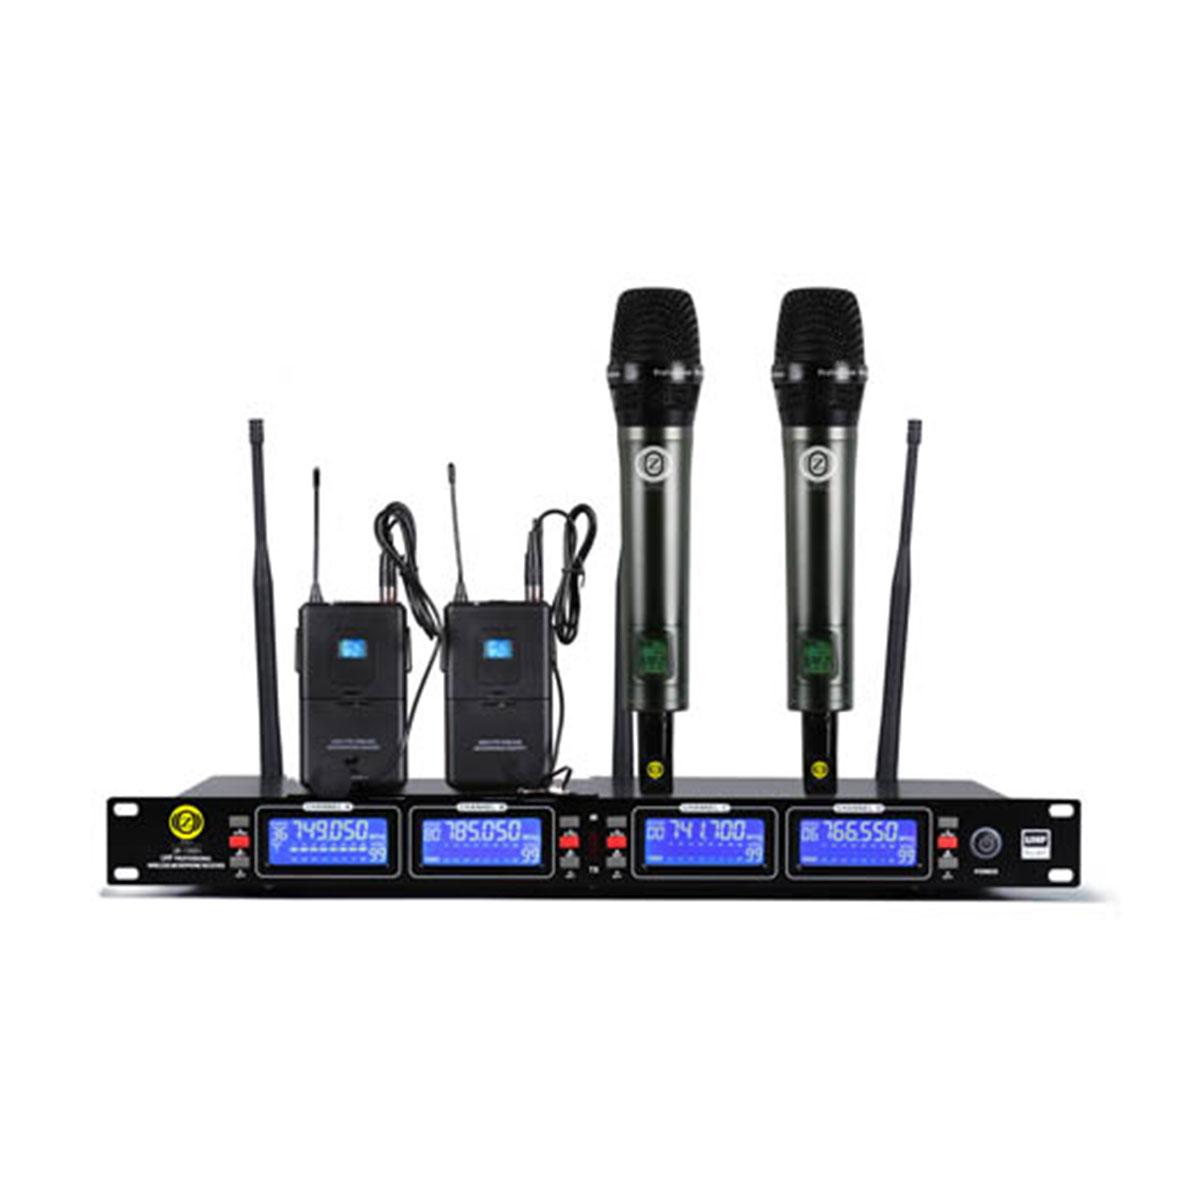 خرید                     میکروفن بیسیم زیکو مدل UR-1000HC دو کانال دستی و دو کانال یقه ای